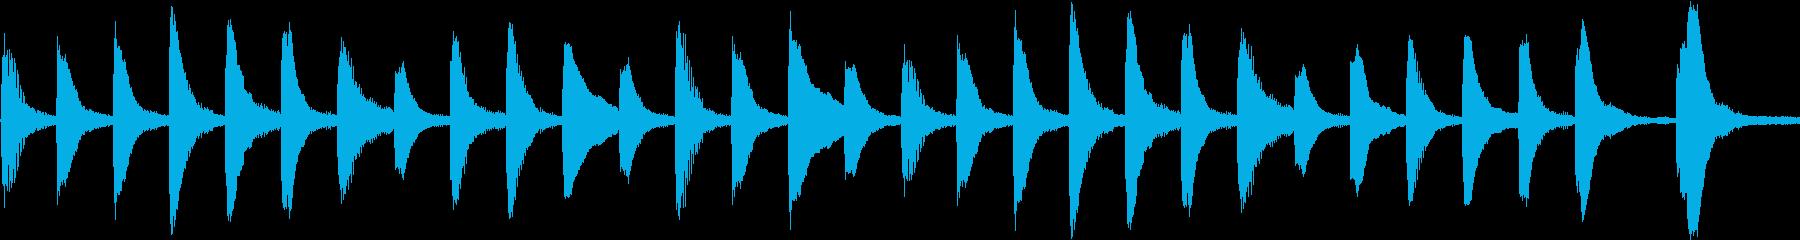 ループできるピアノのほのぼのメロディの再生済みの波形